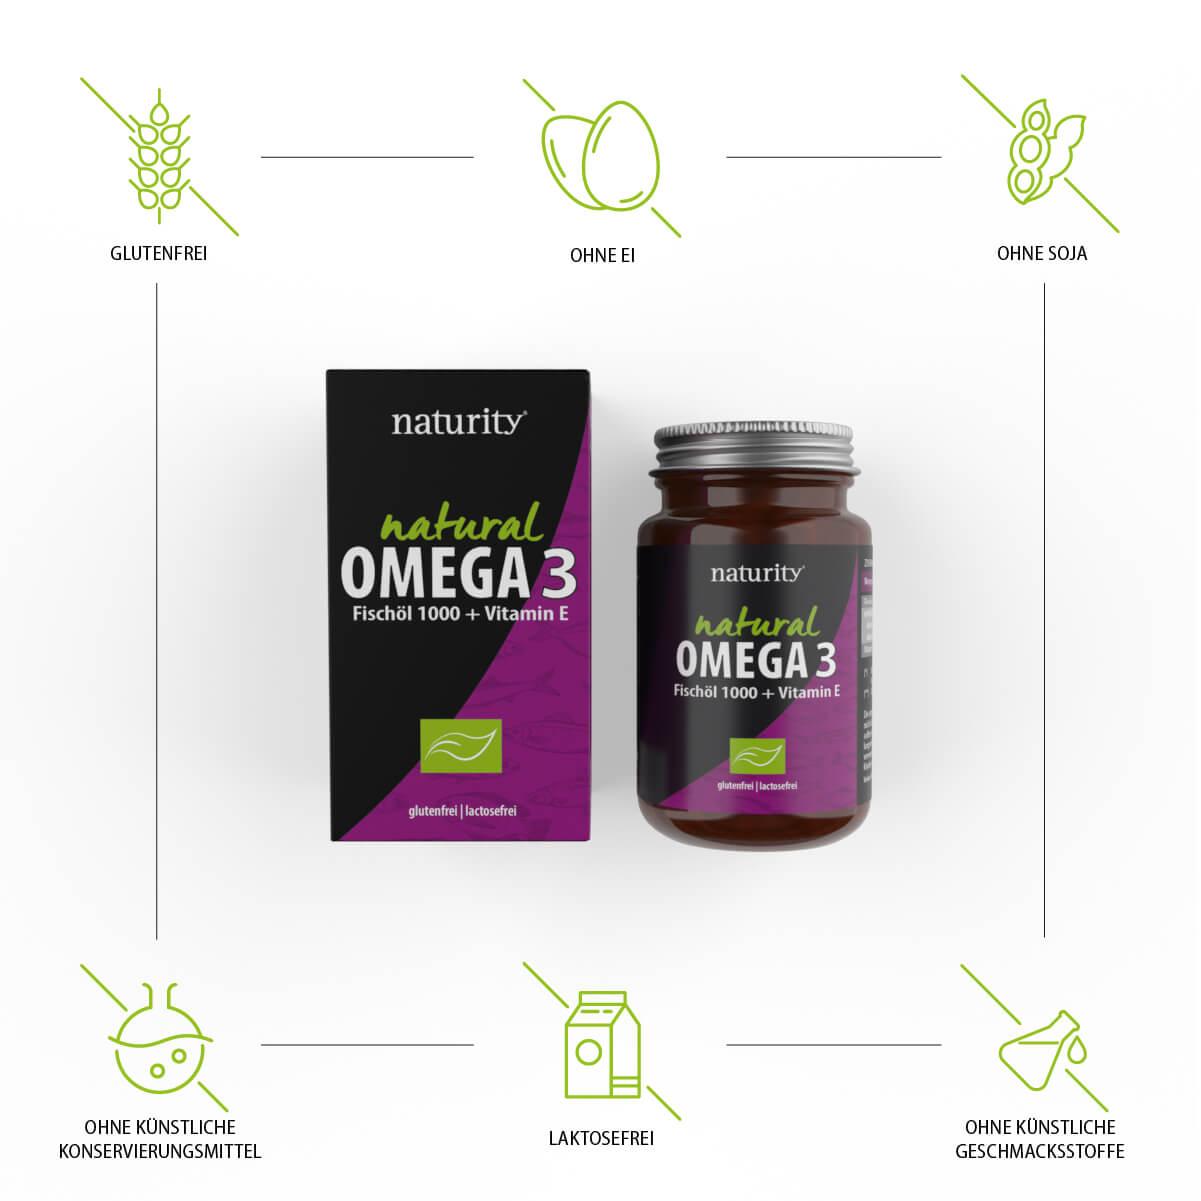 OMEGA 3 Fischöl 1000 + Vitamin E